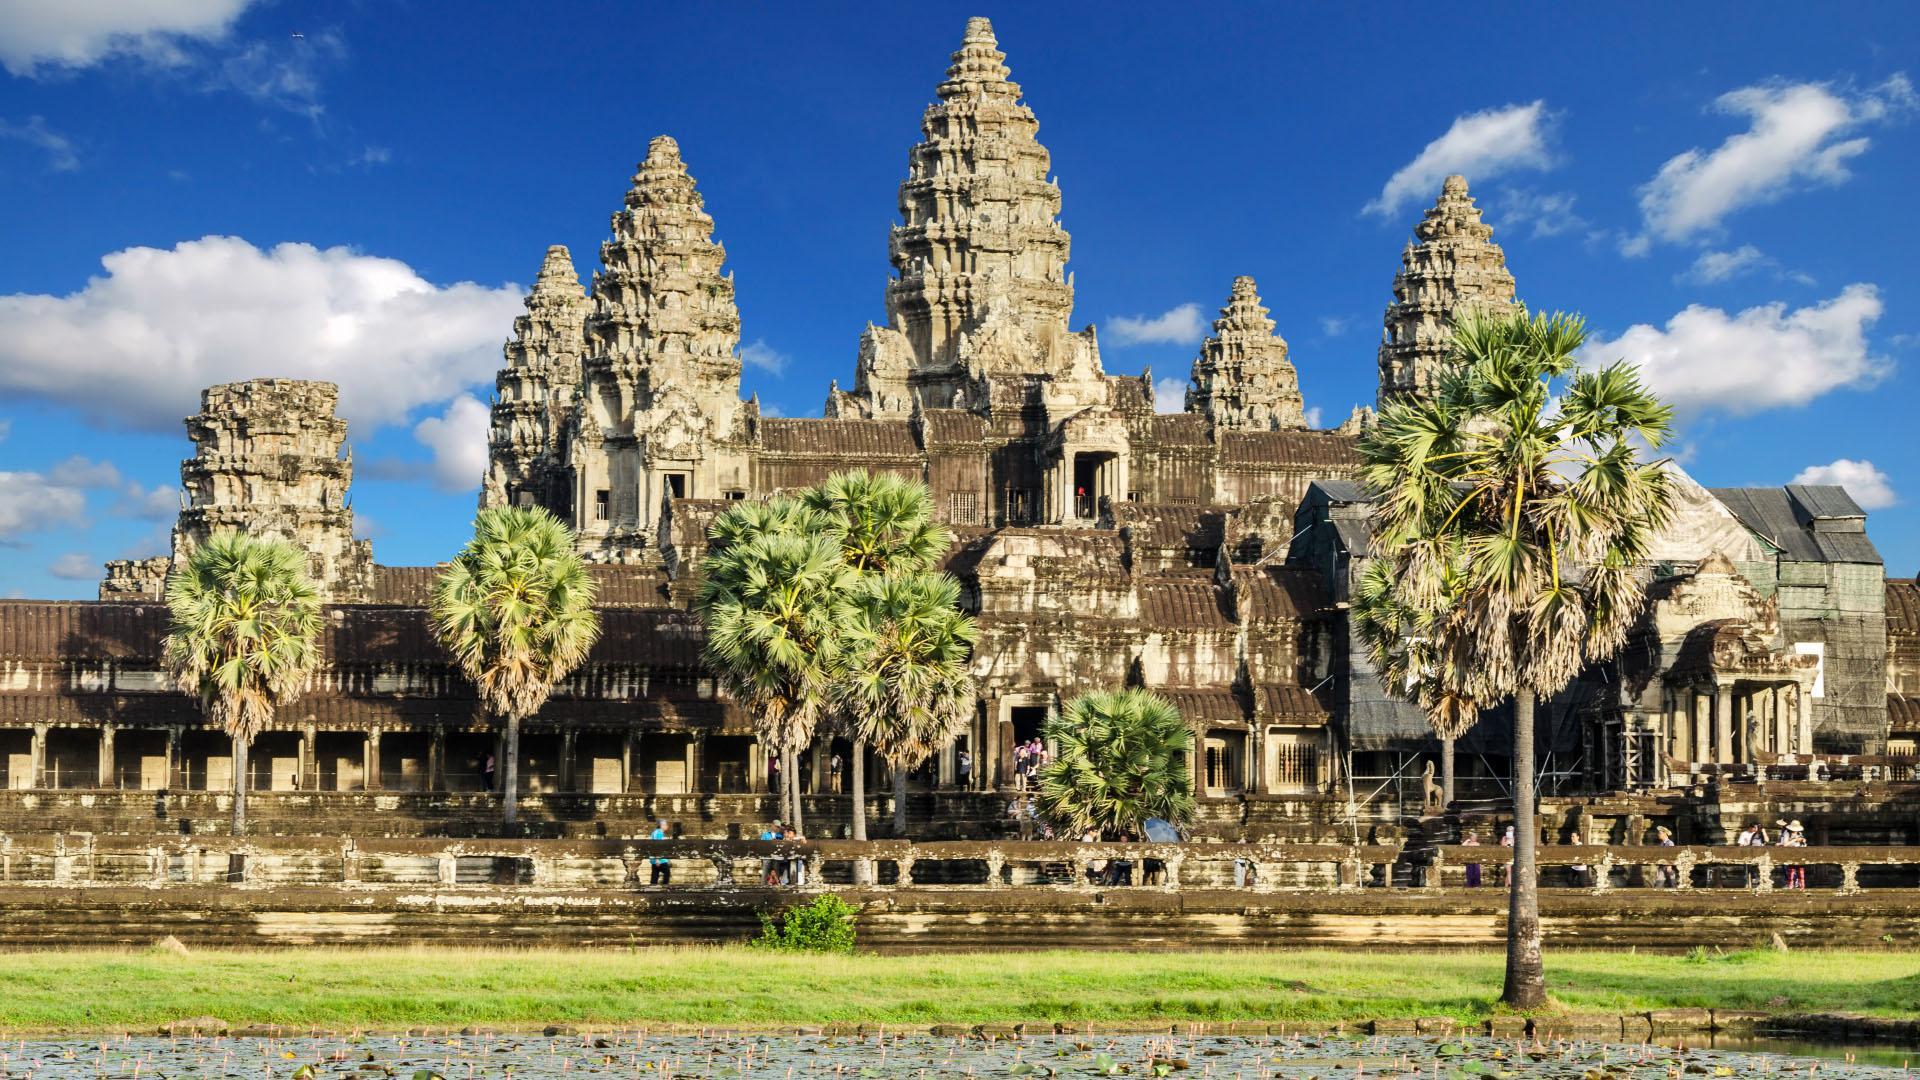 Ce que vous devez savoir avant de visiter Angkor Wat